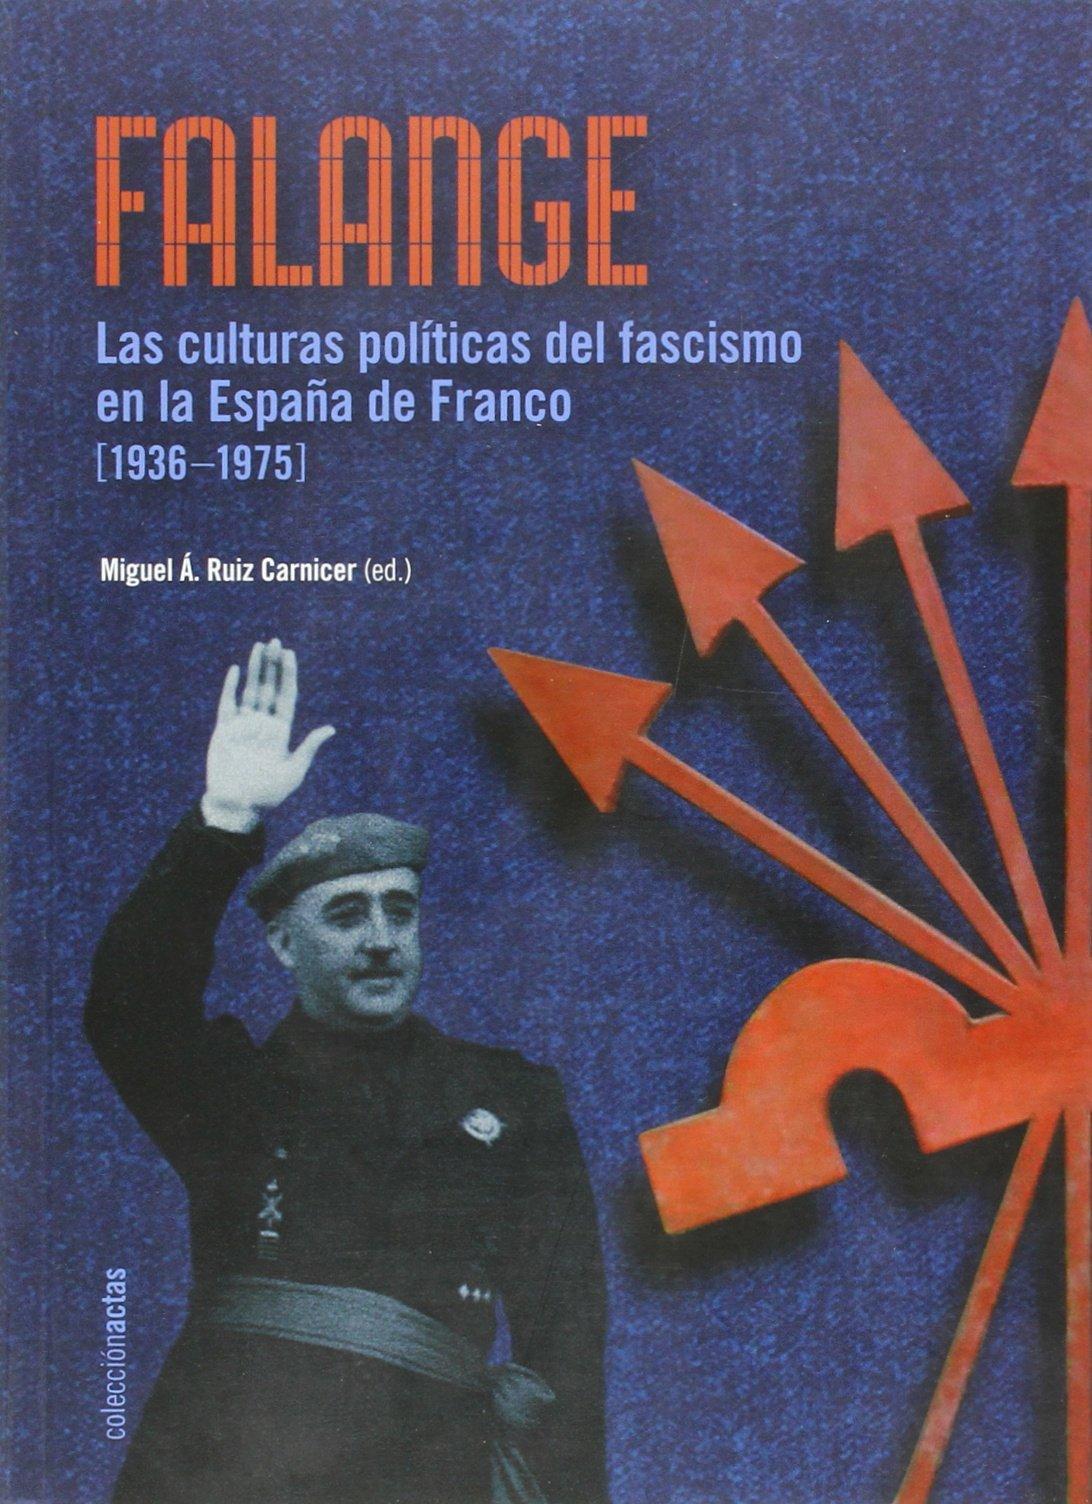 Falange - Las Culturas Politicas Del Fascismo En La España De Franco: Amazon.es: Ruiz Carnicer, Miguel Angel: Libros